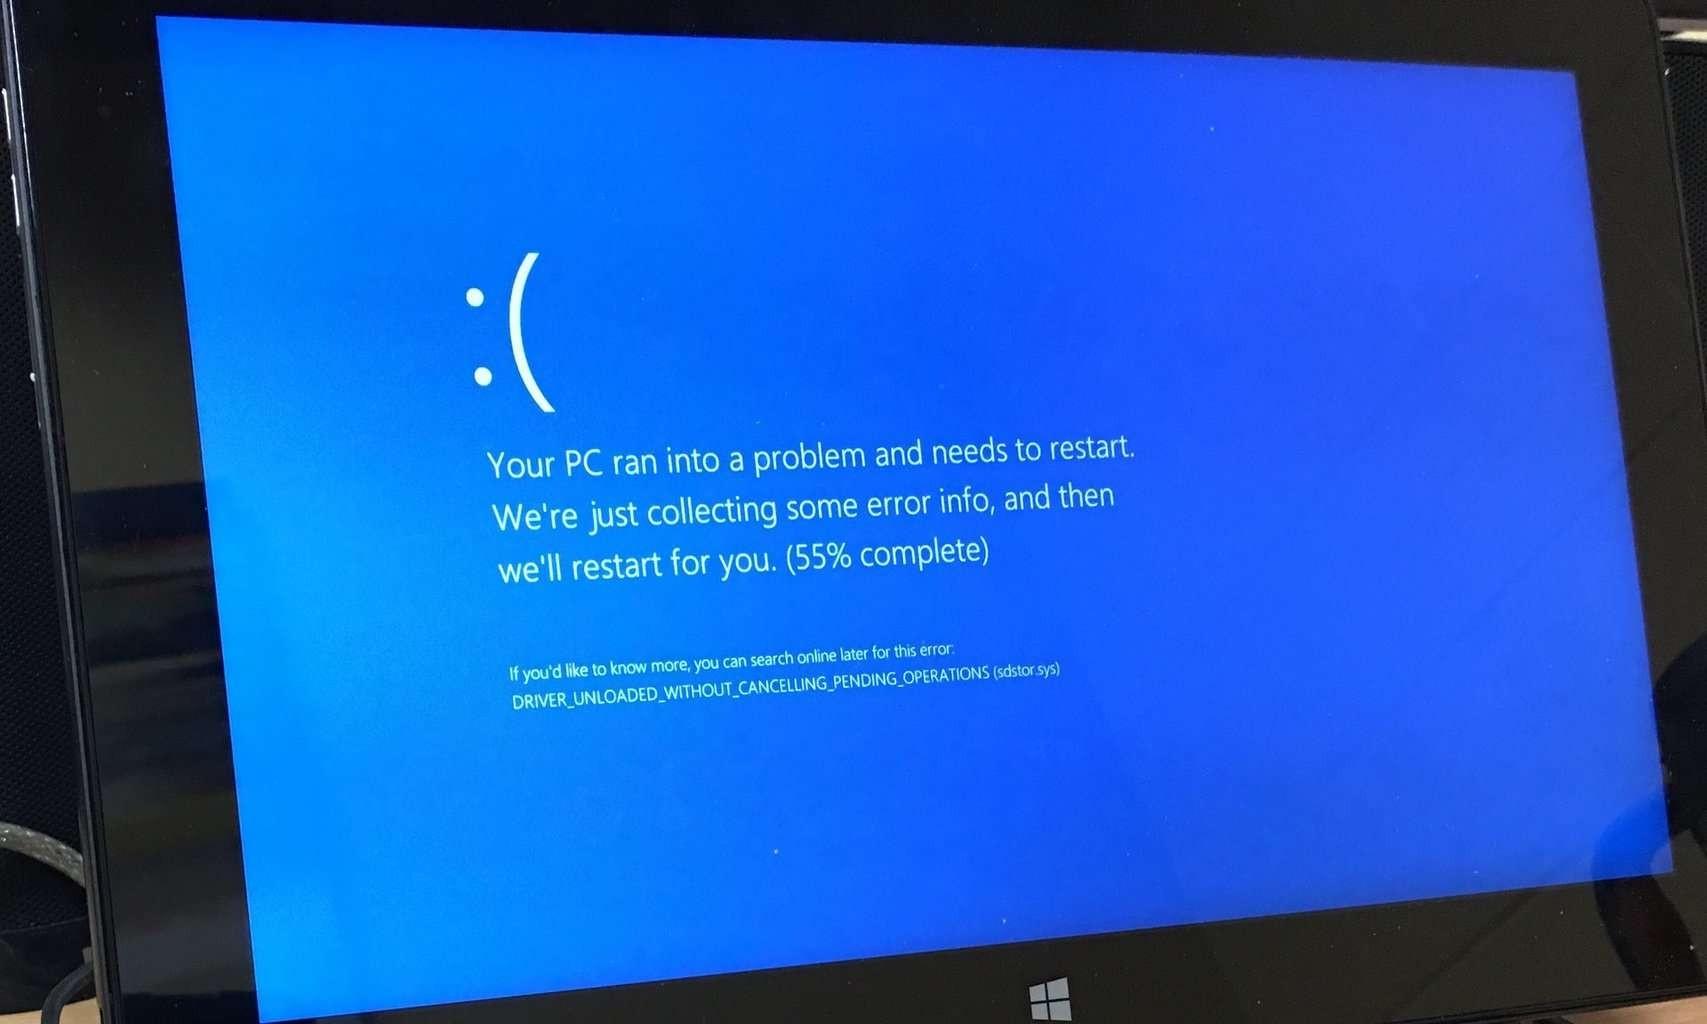 Обновление Windows 10 вызвало «синий дисплей  смерти» накомпьютерах пользователей